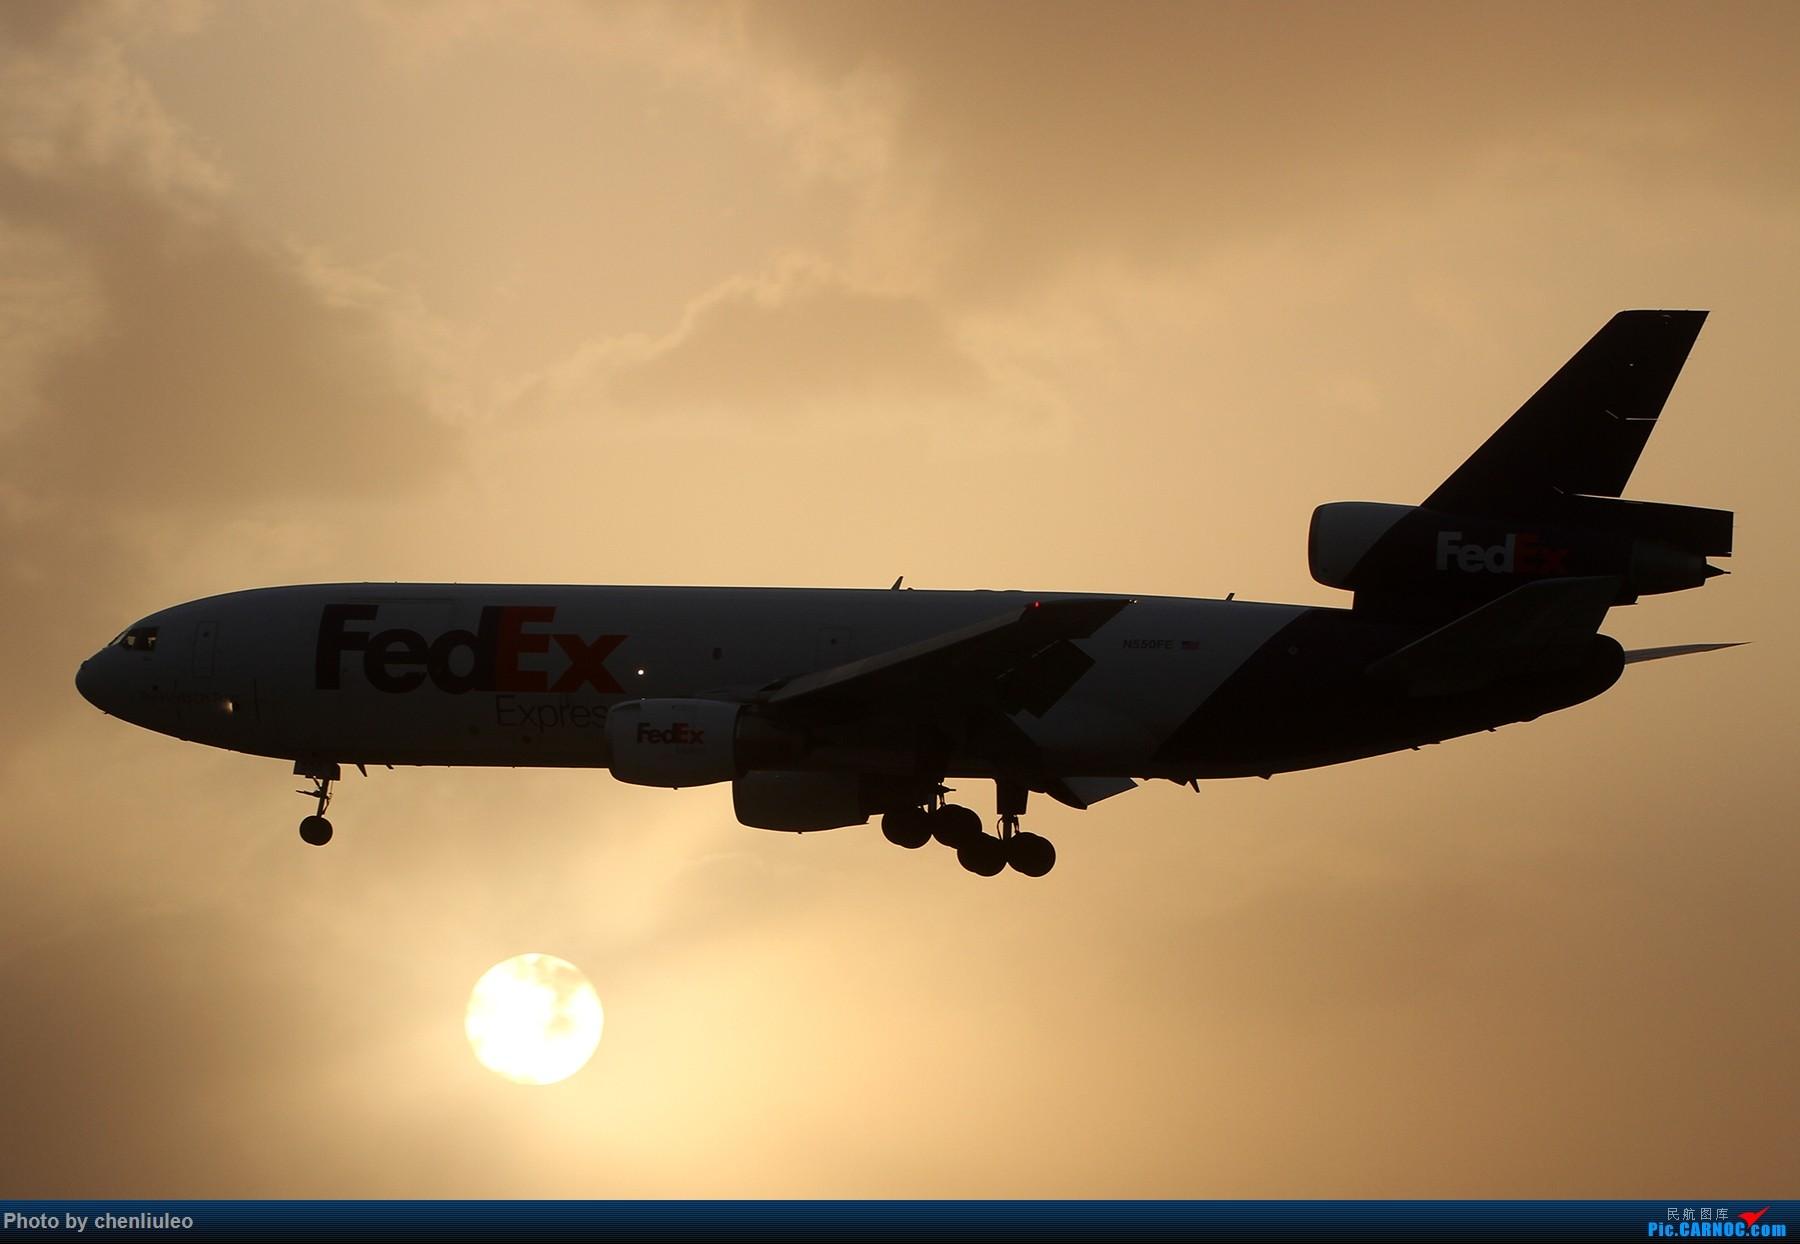 Re:【北美飞友会】芝加哥奥黑尔机场首拍 MD MD-10 N550FE 美国芝加哥奥黑尔国际机场